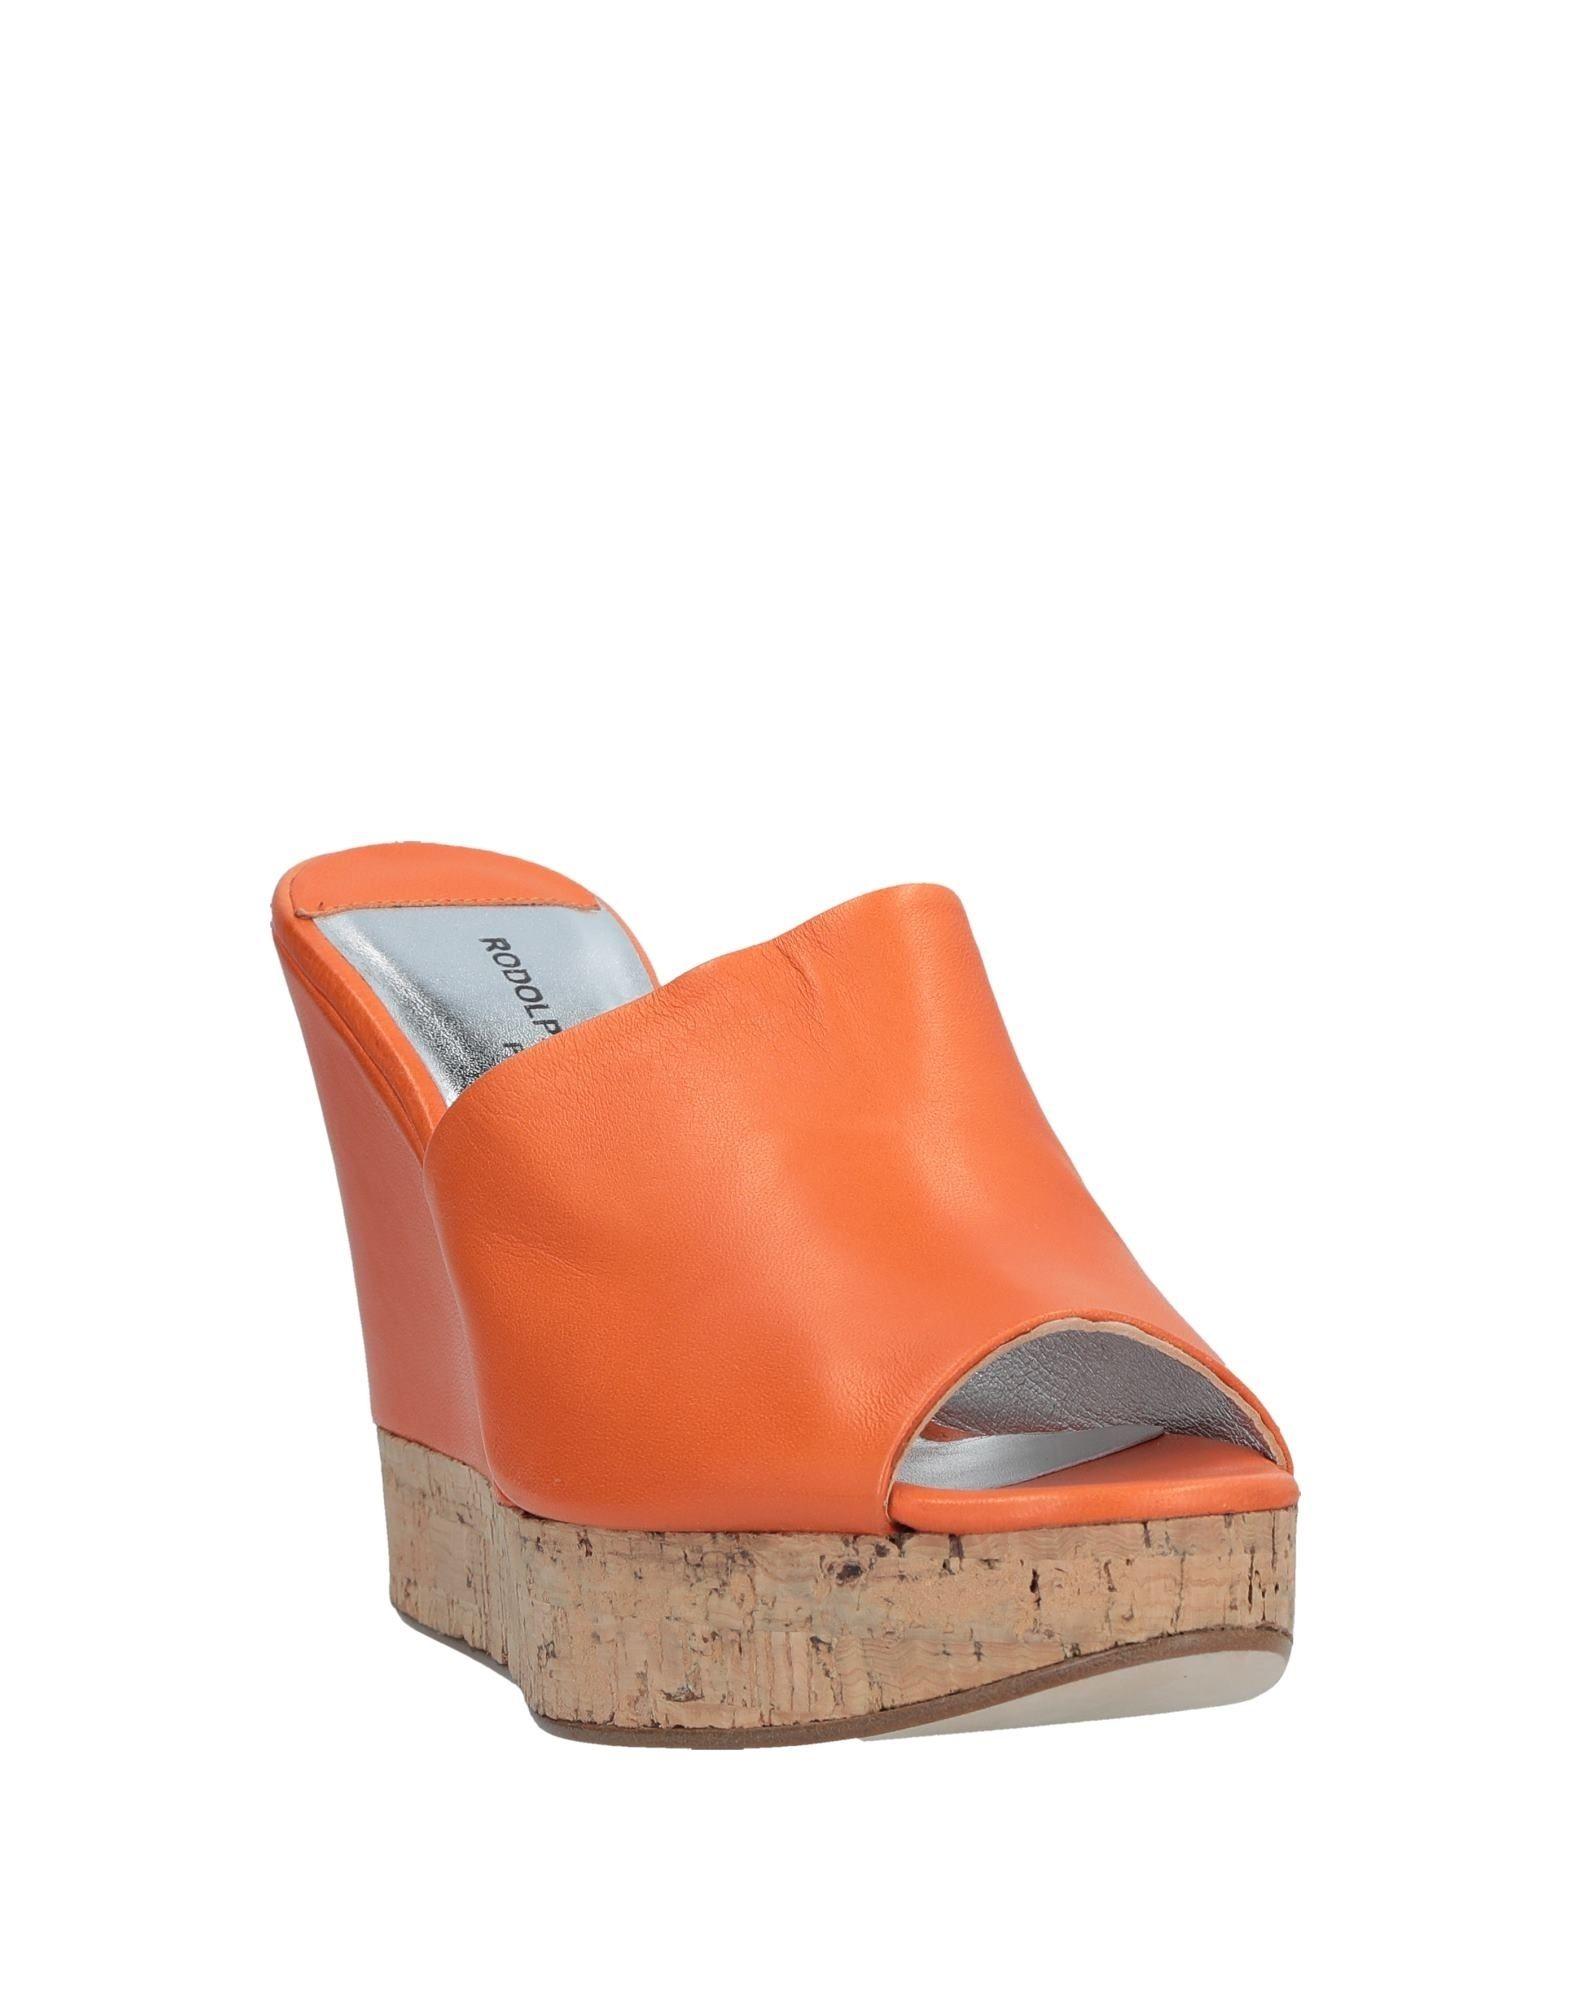 Rabatt Schuhe Rodolphe Menudier Pantoletten 11530920EU Damen  11530920EU Pantoletten 39fa9f